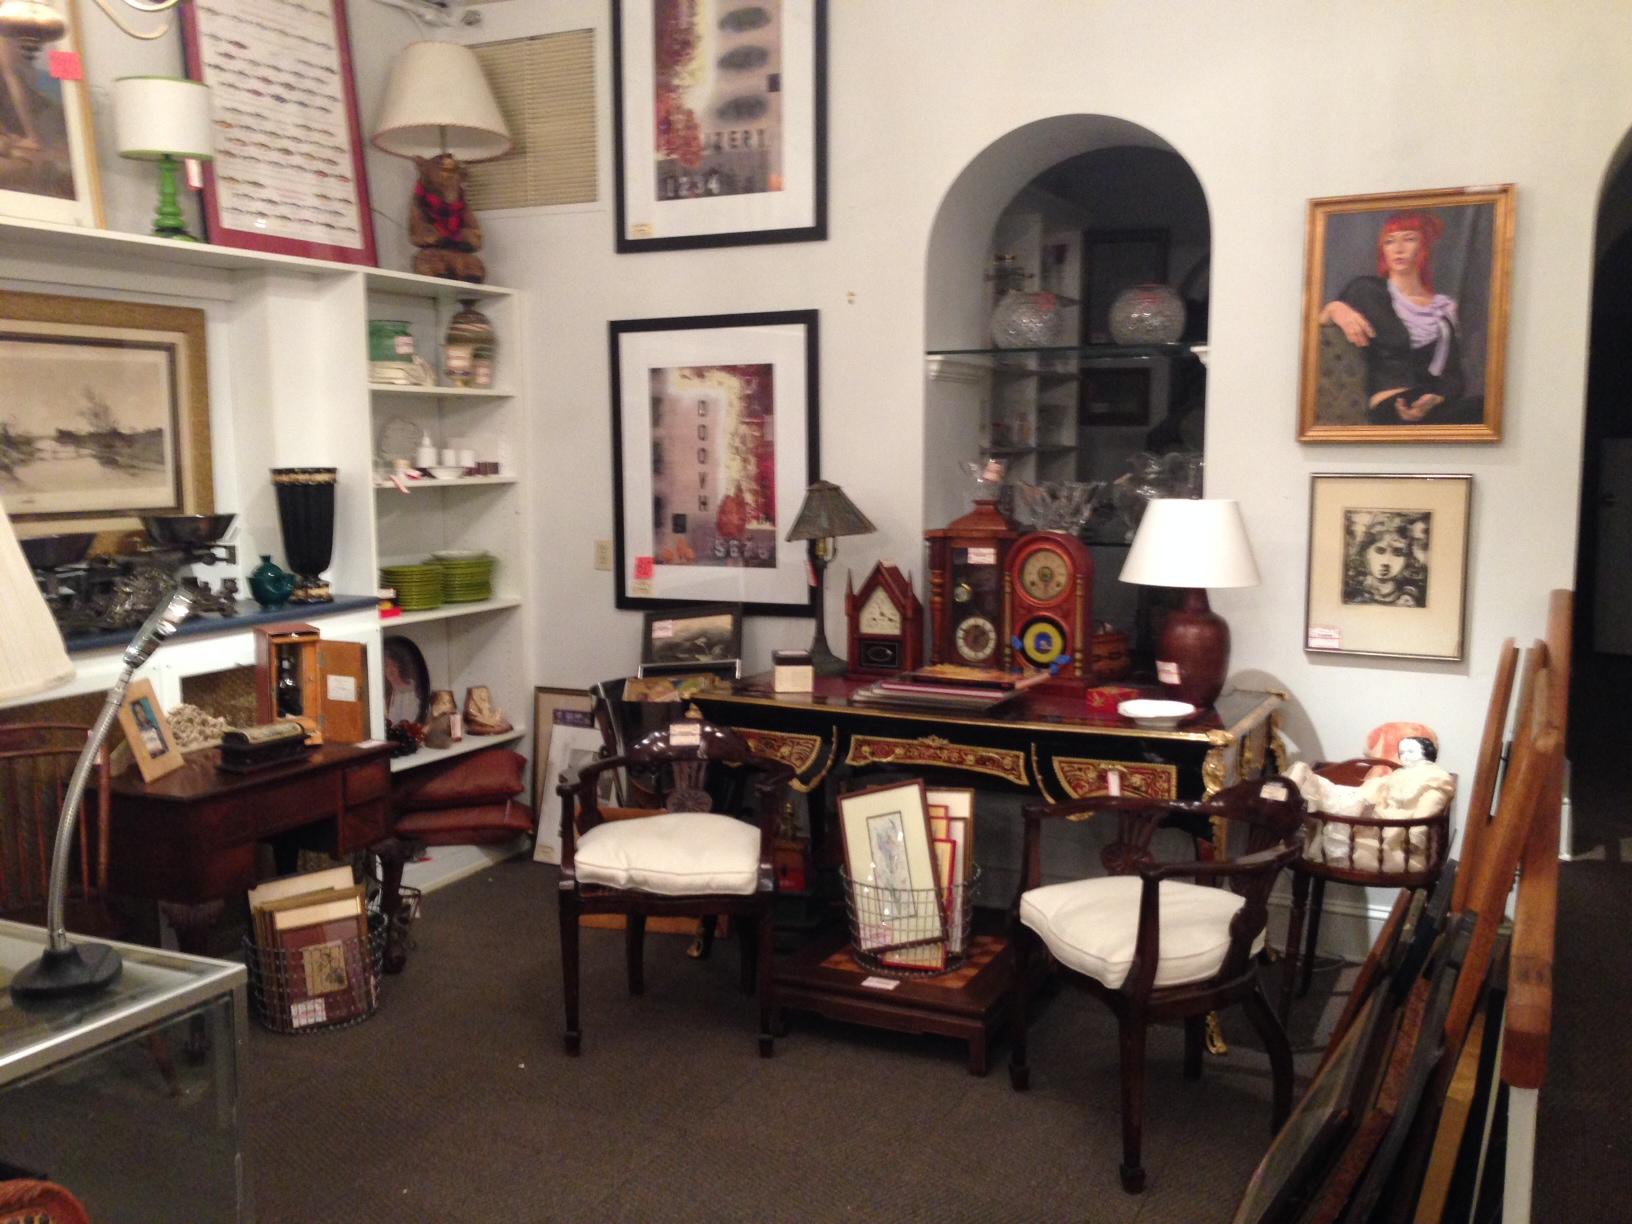 antique stores washington dc Christ Child Society: Opportunity Shop antique stores washington dc